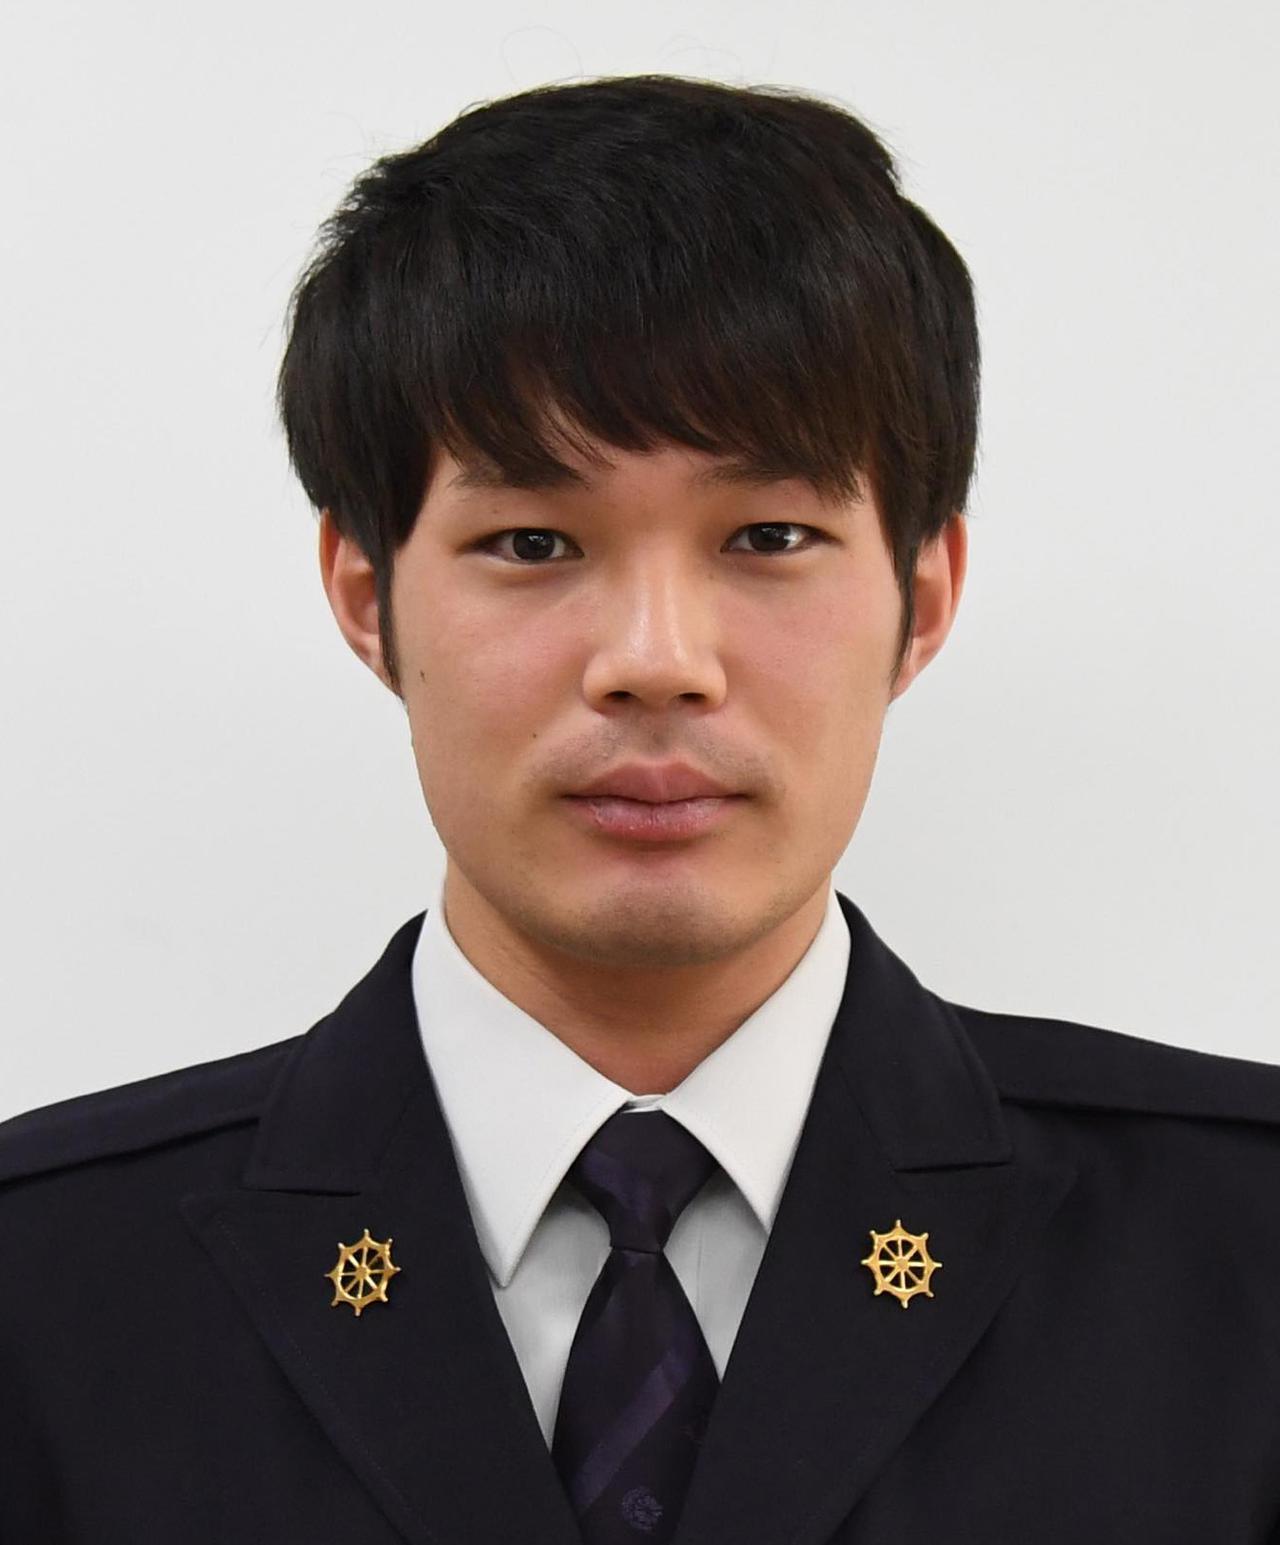 画像: 山田優2陸尉